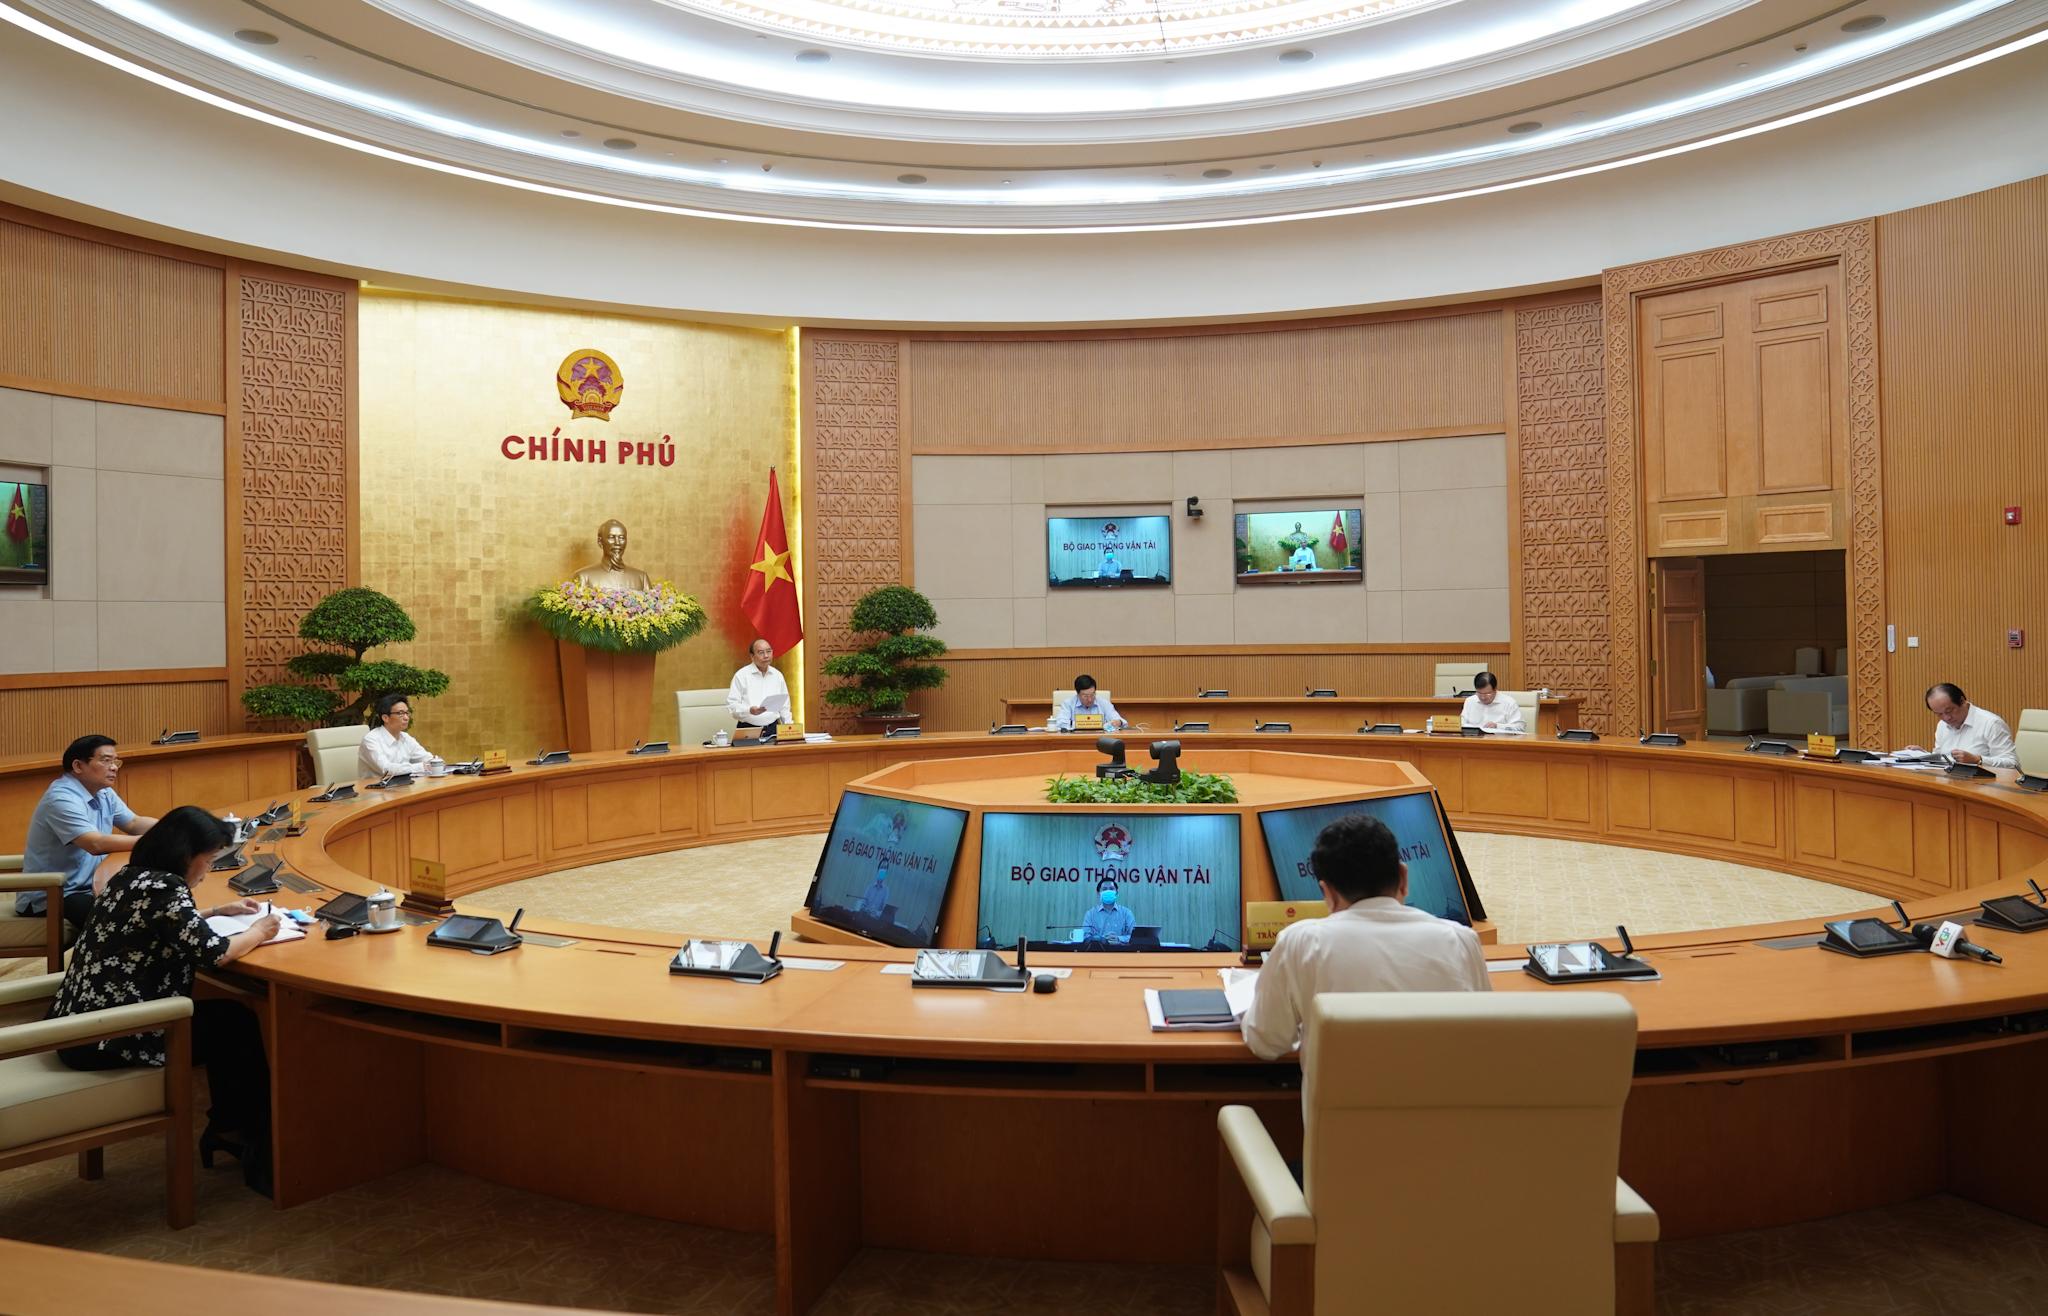 Bộ trưởng KHĐT: Các cân đối lớn cơ bản được giữ vững